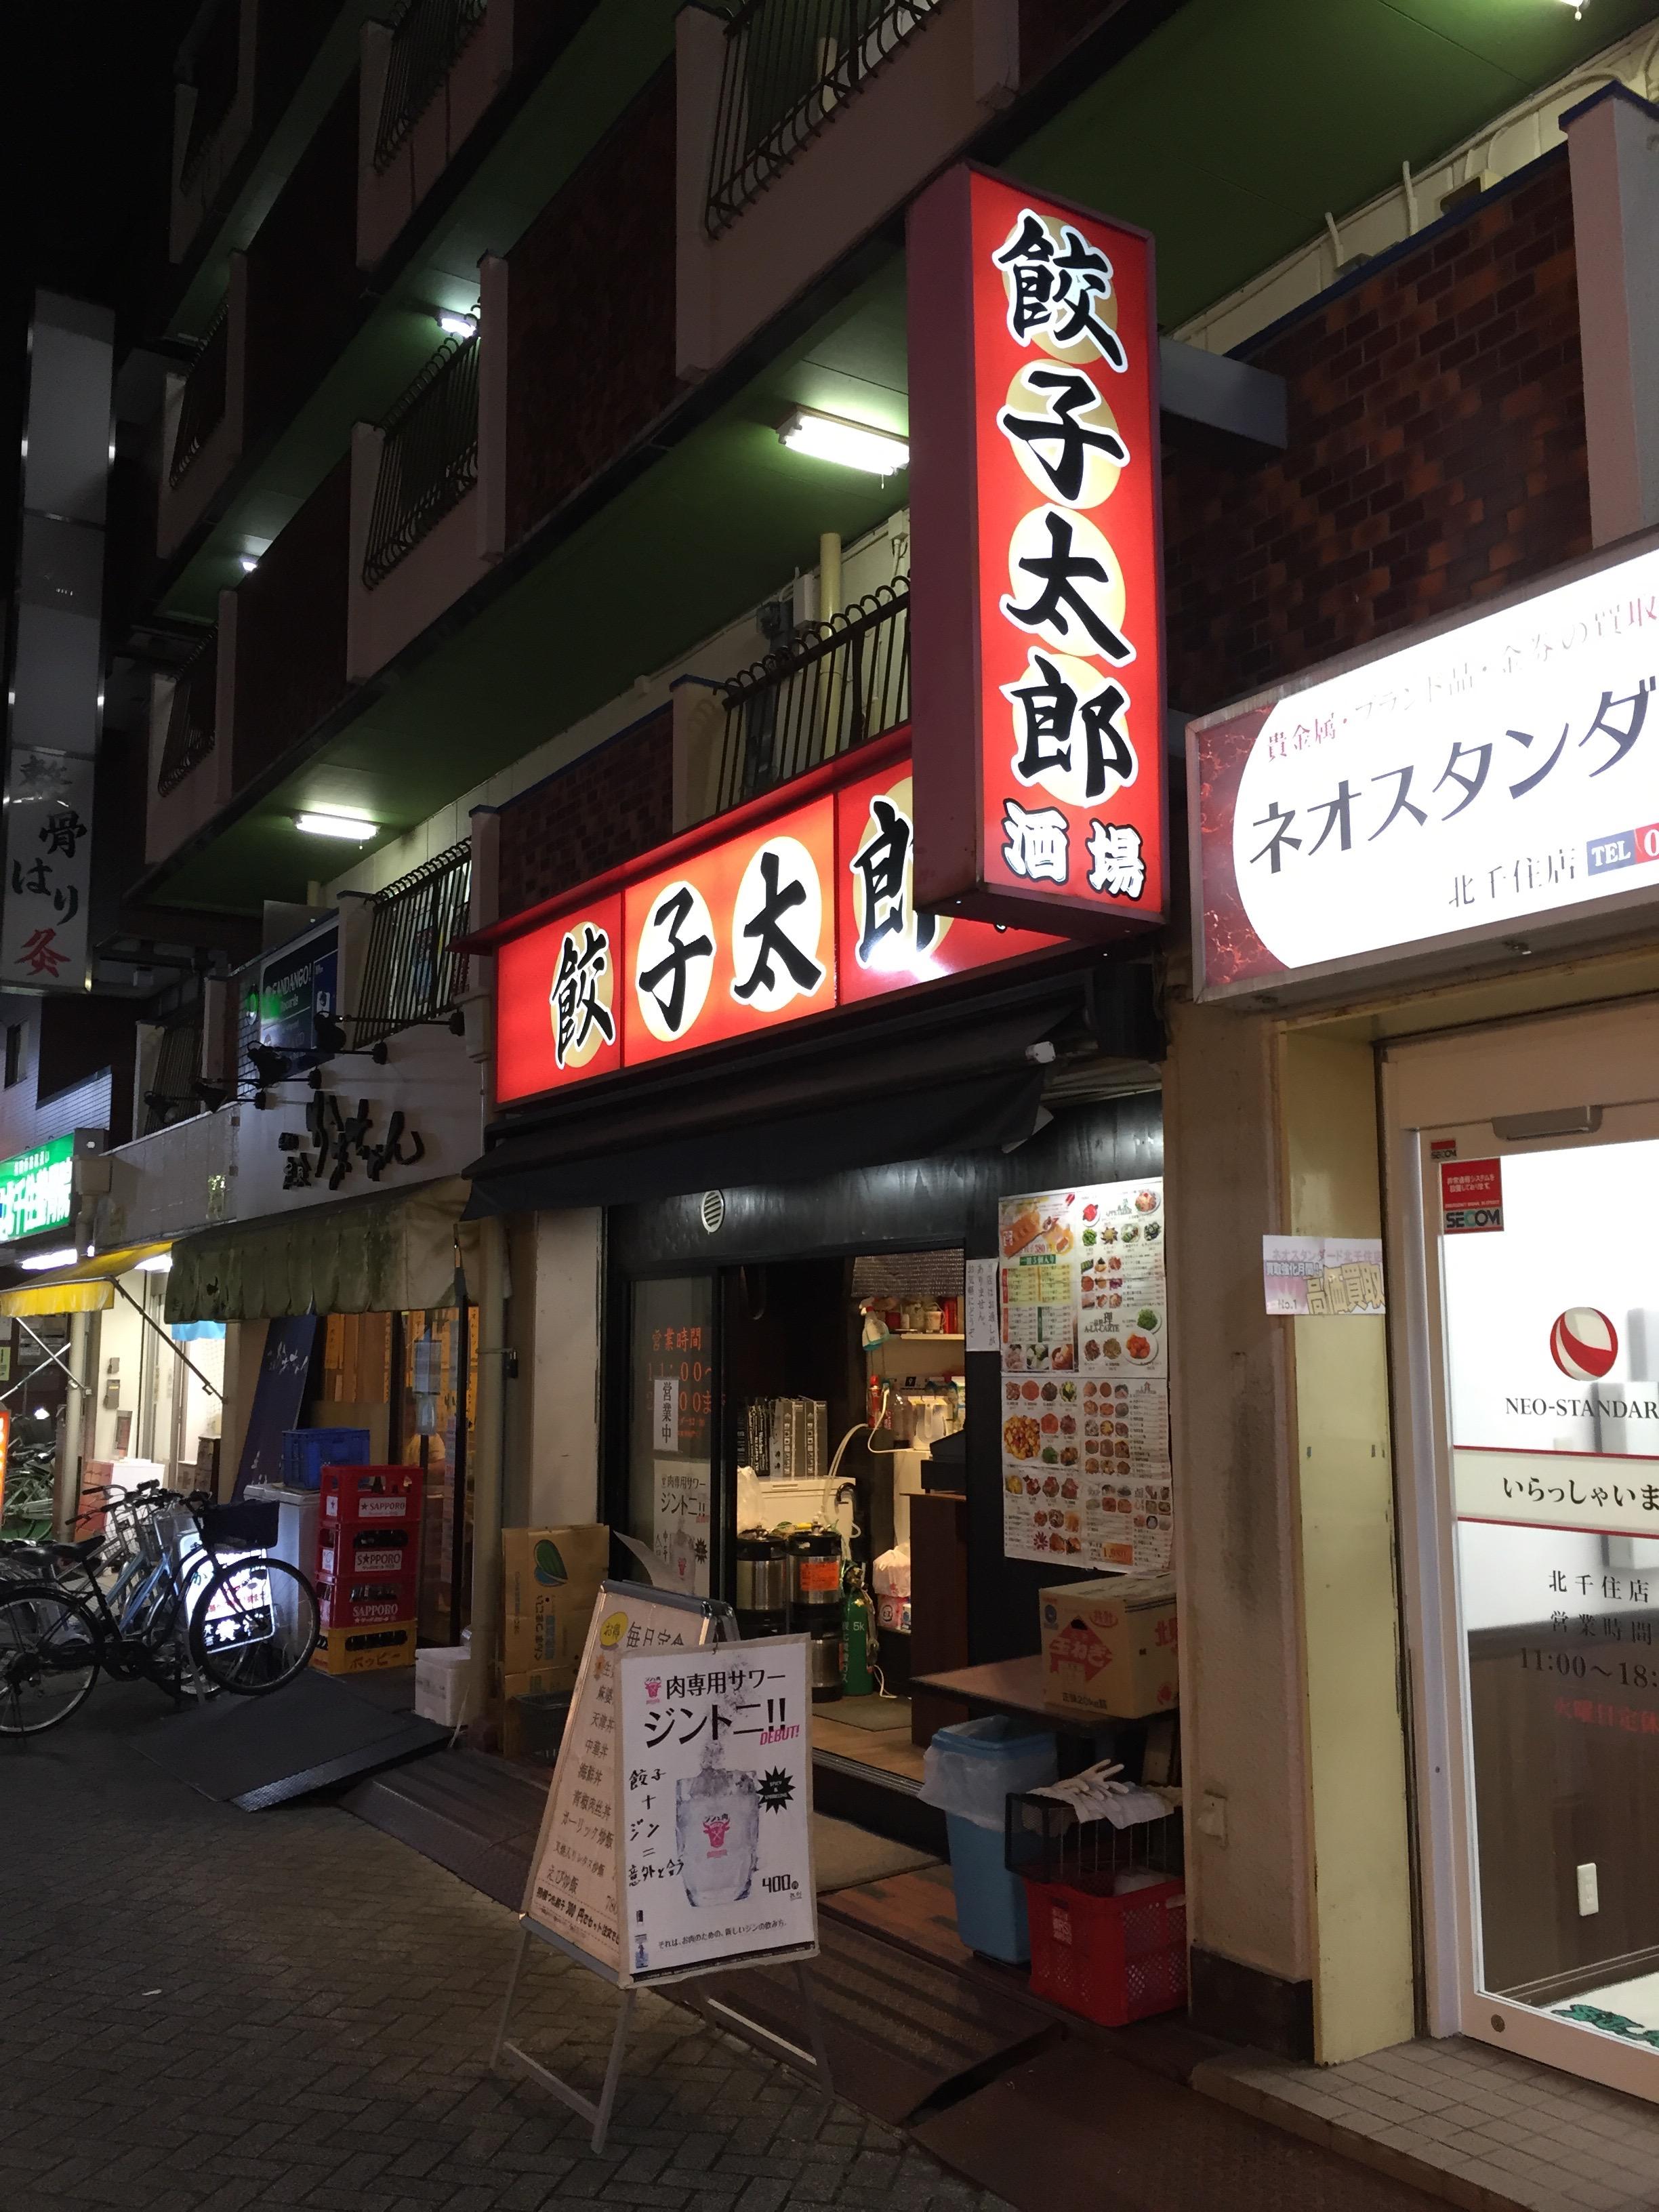 【北千住】餃子が食べたい!食べログ人気店「餃子太郎」に行ってみた